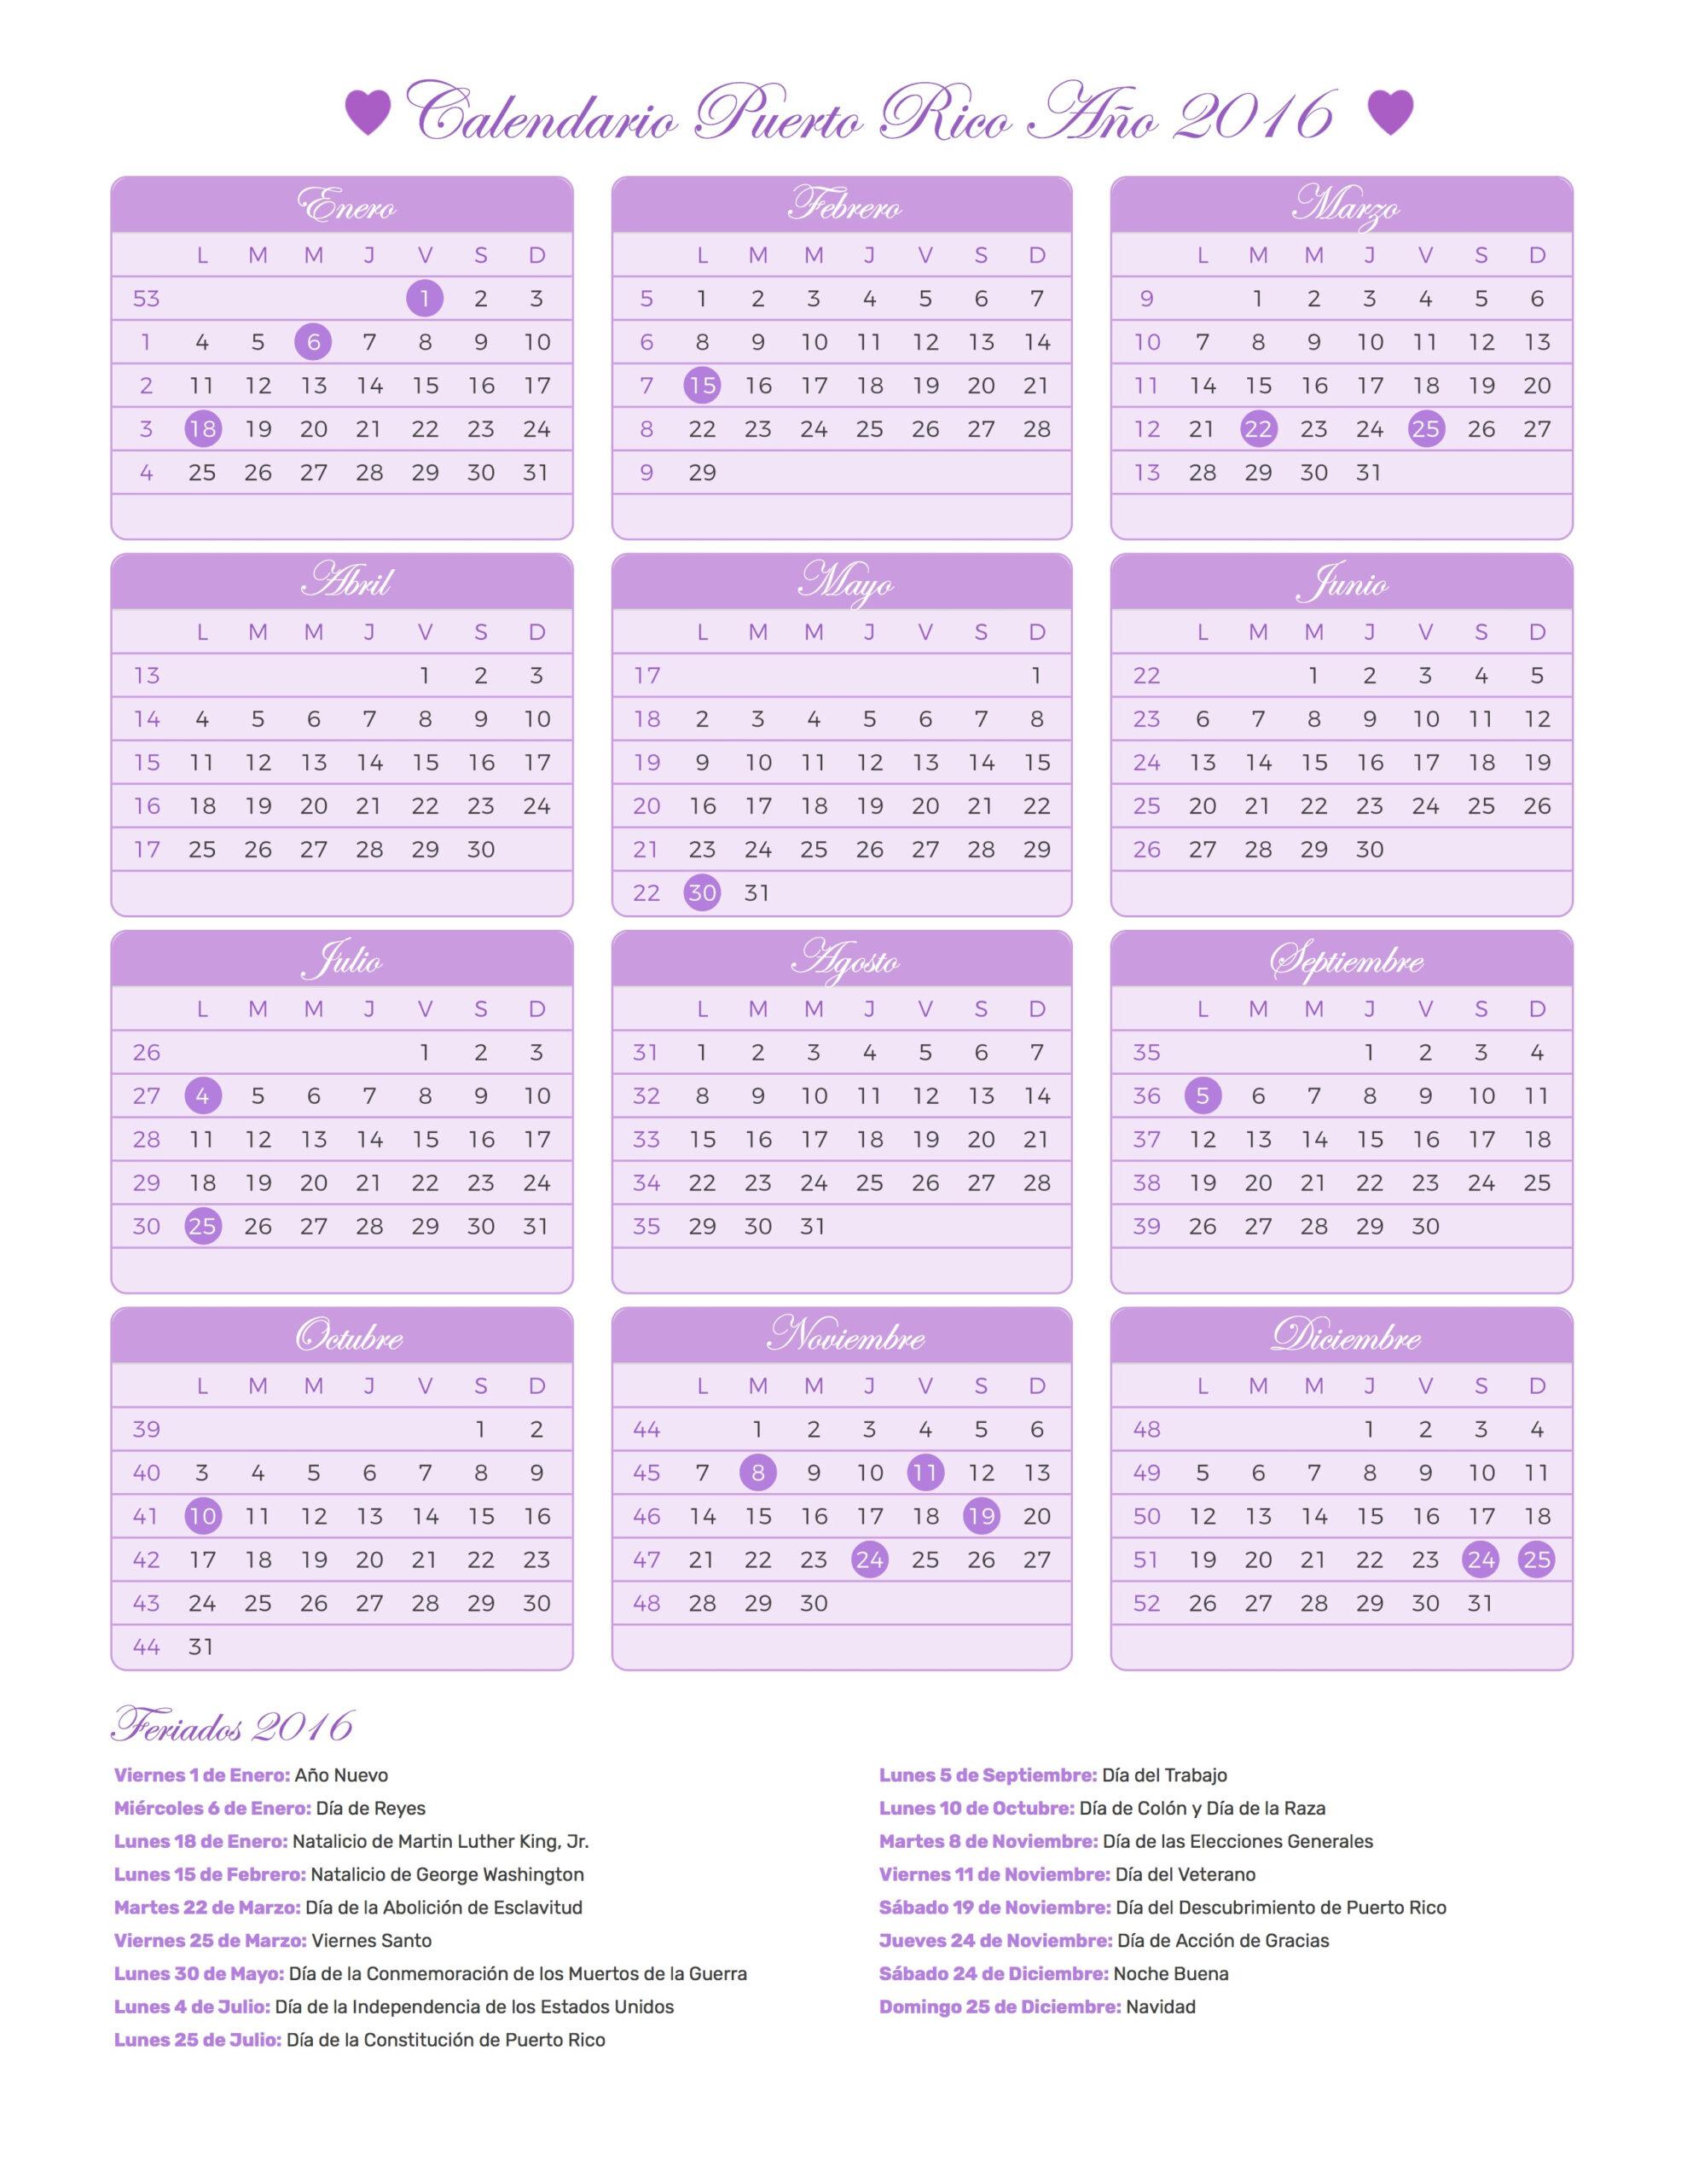 Calendario Puerto Rico Año 2016 | Feriados throughout Lunar Calendar Puerto Rico